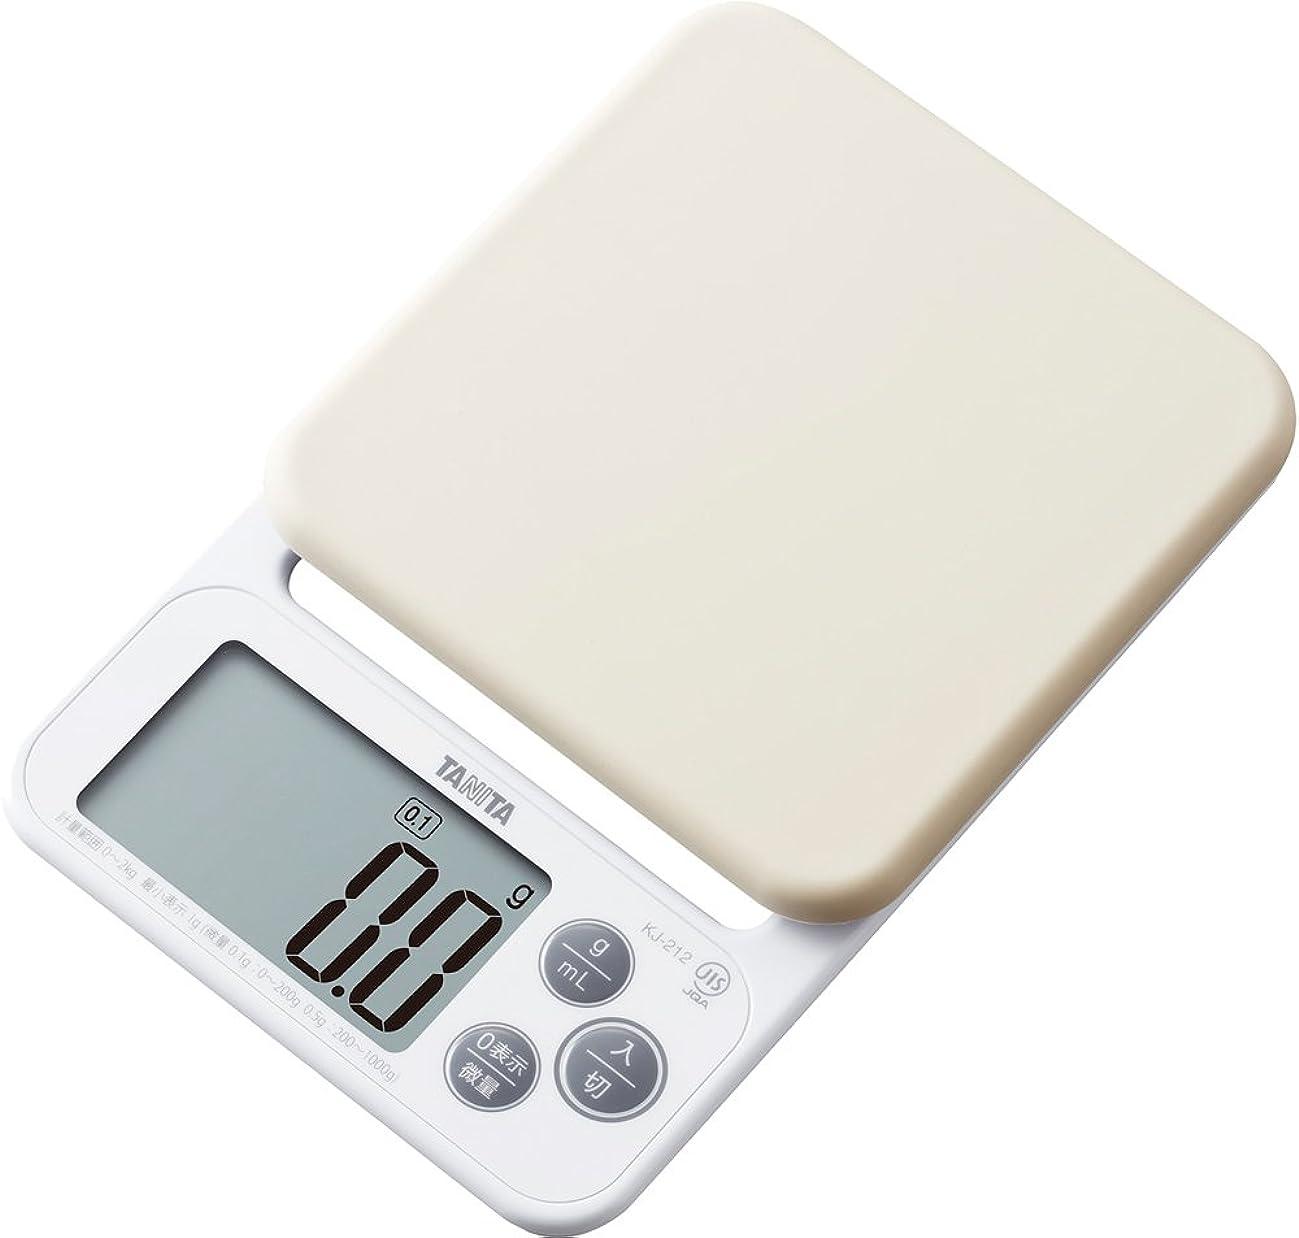 サーキュレーション研磨病タニタ はかり スケール 料理 洗える 2kg 0.1g ホワイト KJ-212 WH